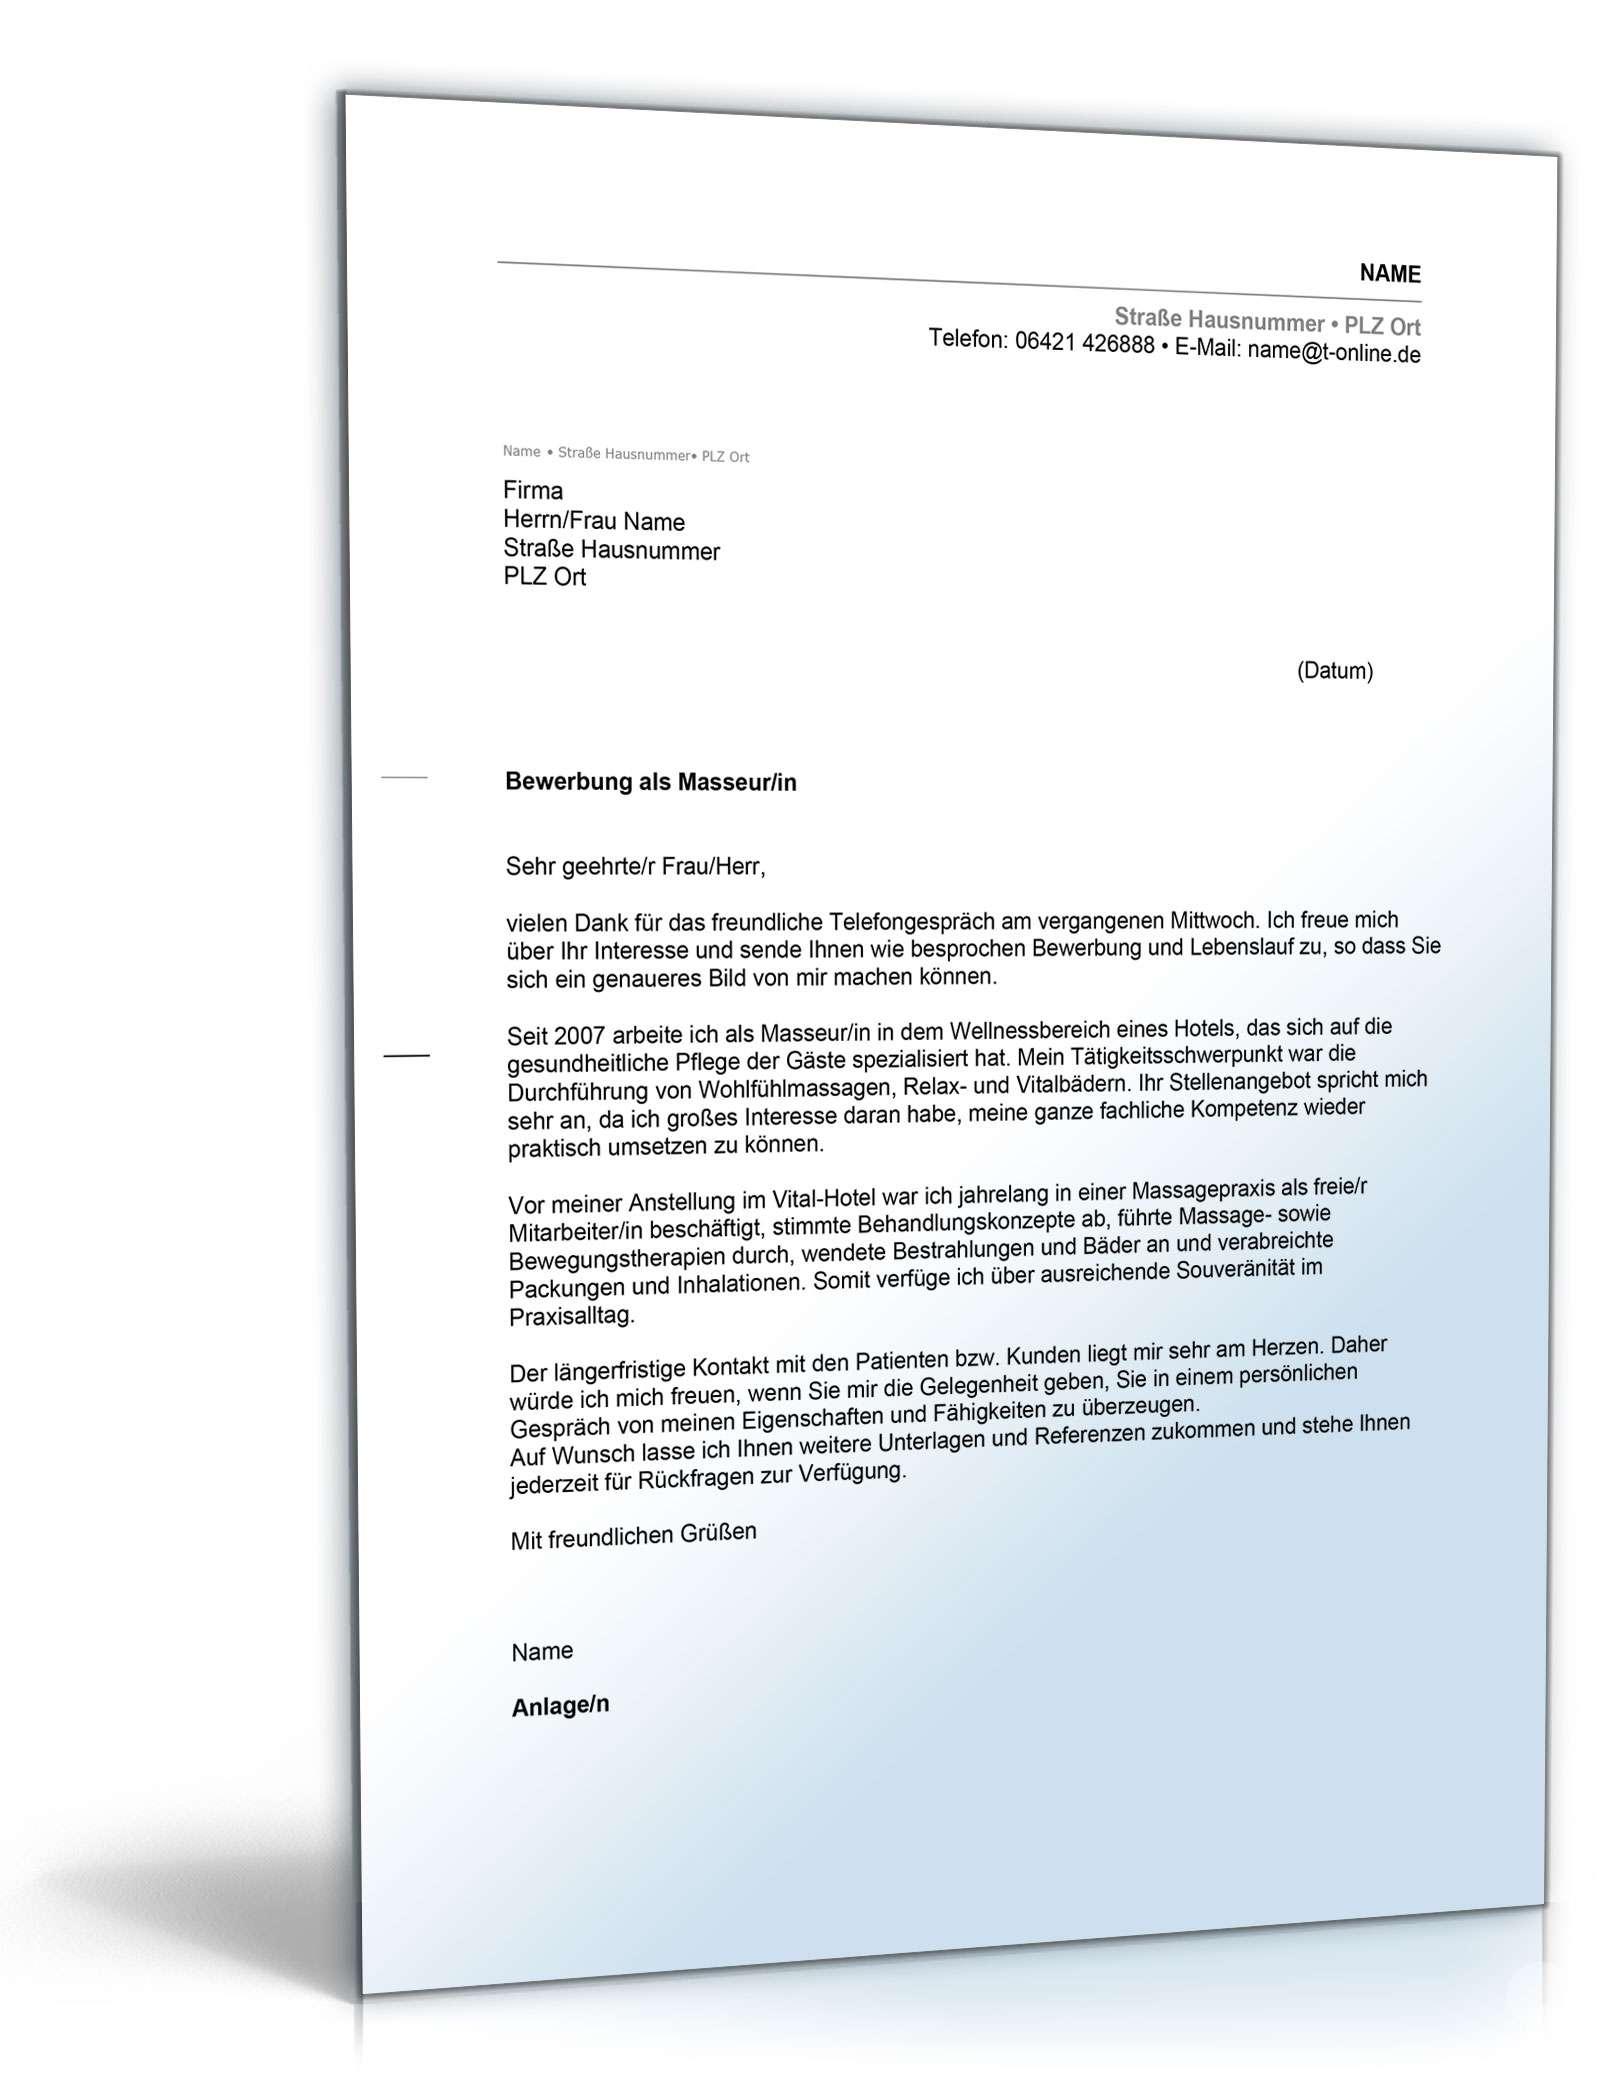 Anschreiben Bewerbung (Masseur/Masseurin) Dokument zum Download